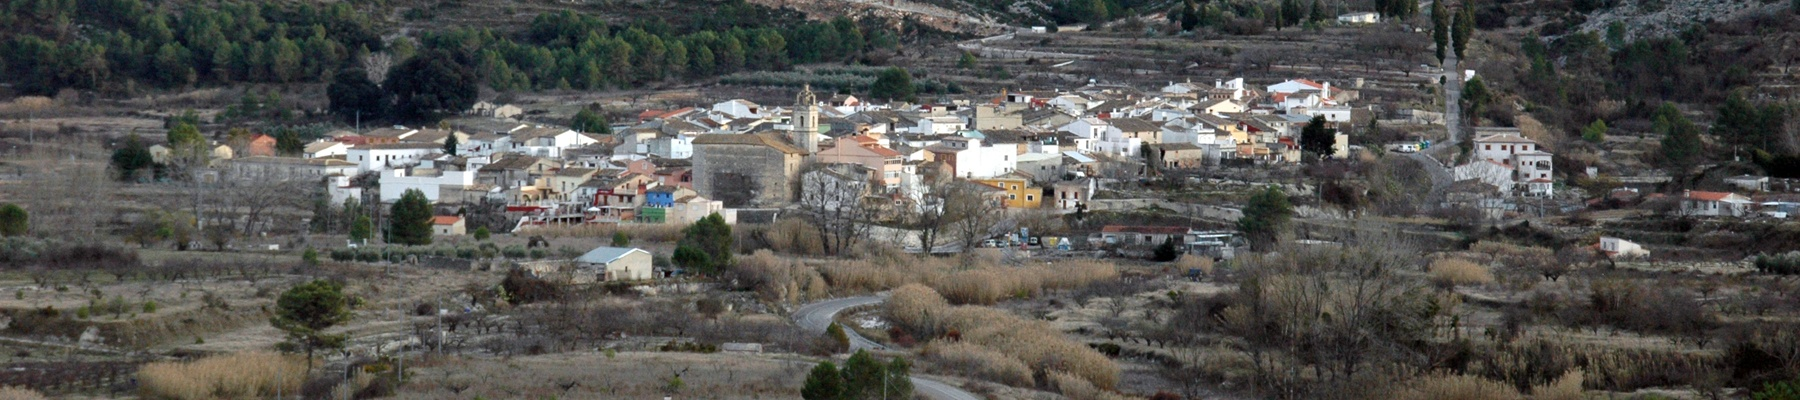 Información Socioeconómica y Laboral del Municipio de La Vall d'Ebo